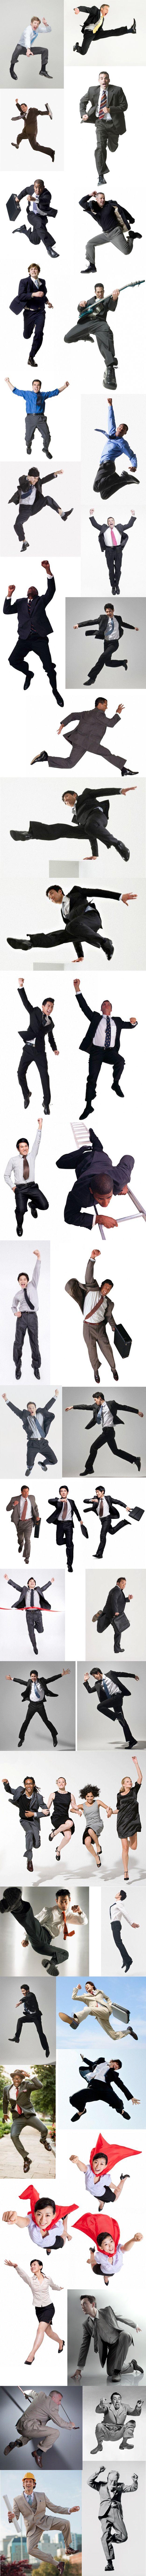 Posen, Körperstudien, Körper Bewegungen Sprung Freudensprung Krawatte Zeichenvorlagen Menschen zeichnen  Figure Drawing Reference - Action Poses and Clothing Folds